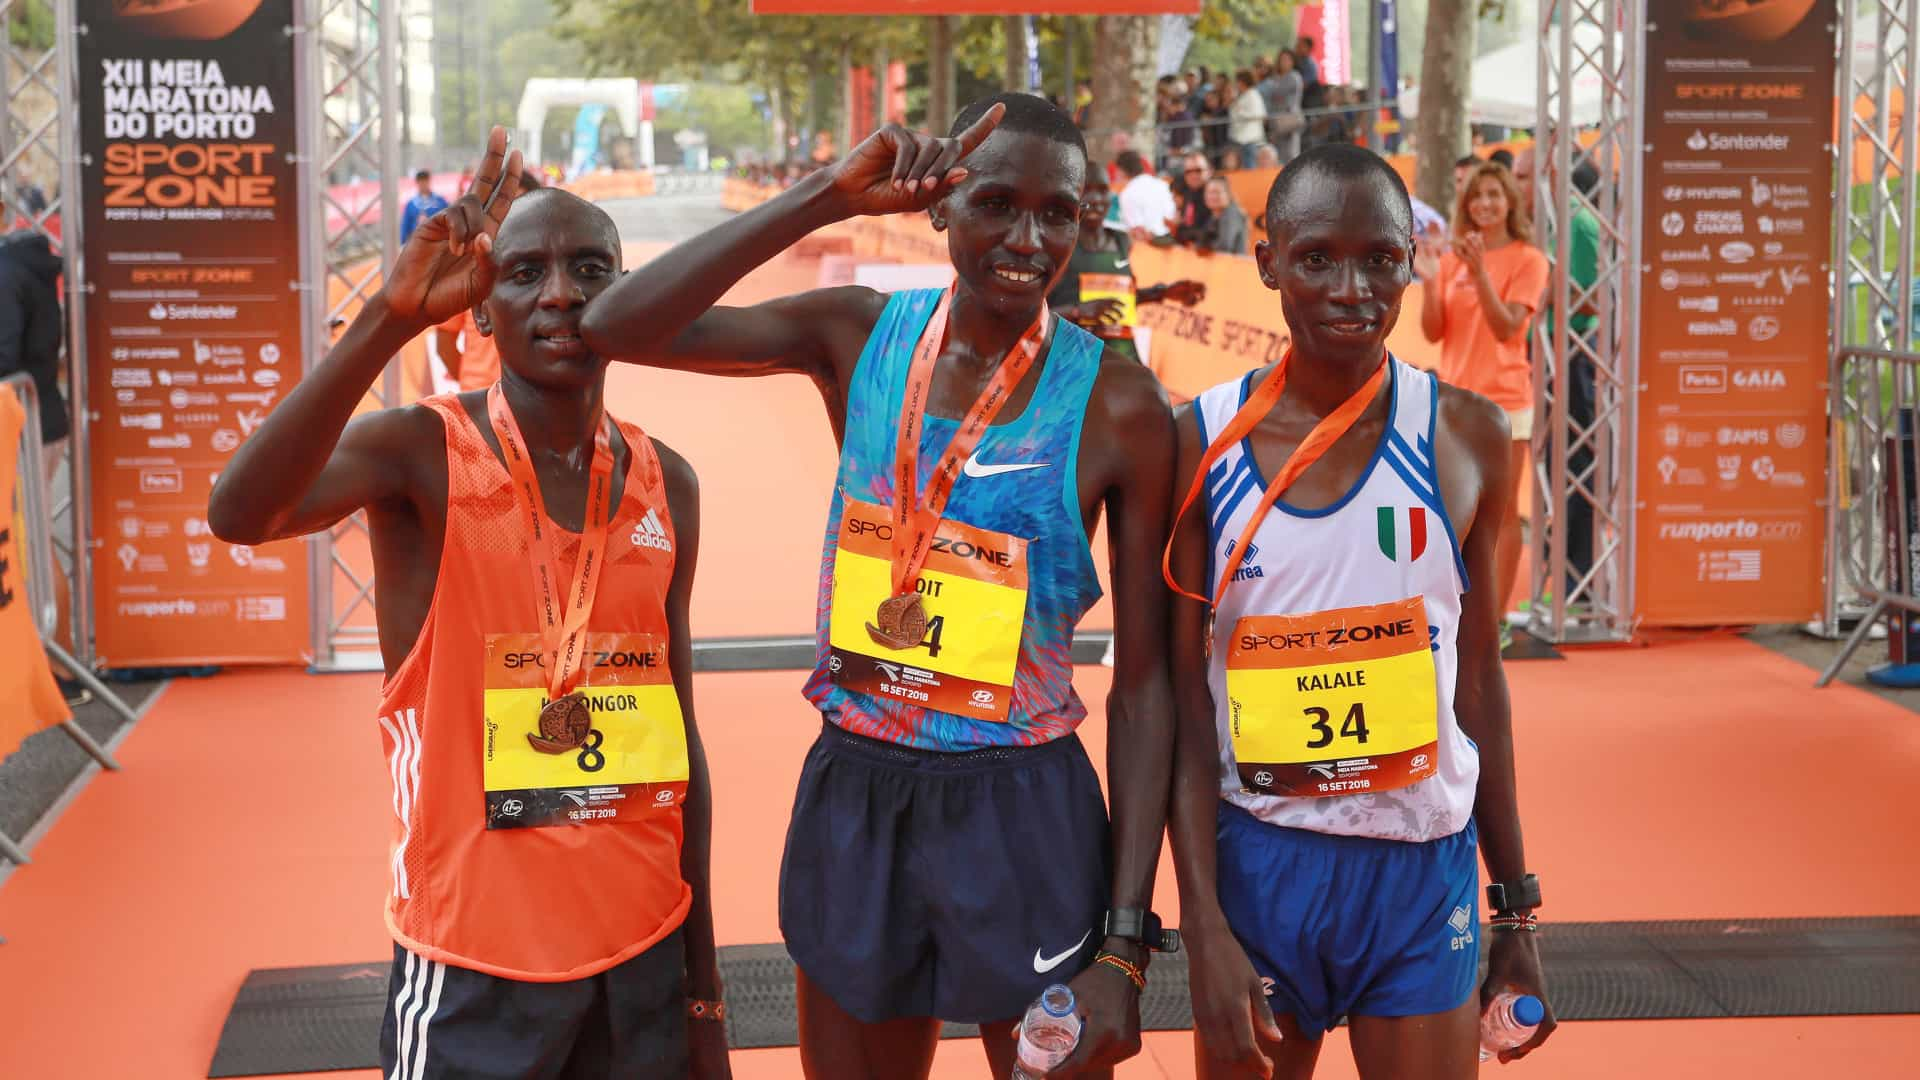 Atletas quenianos dominam 12.ª Meia Maratona do Porto